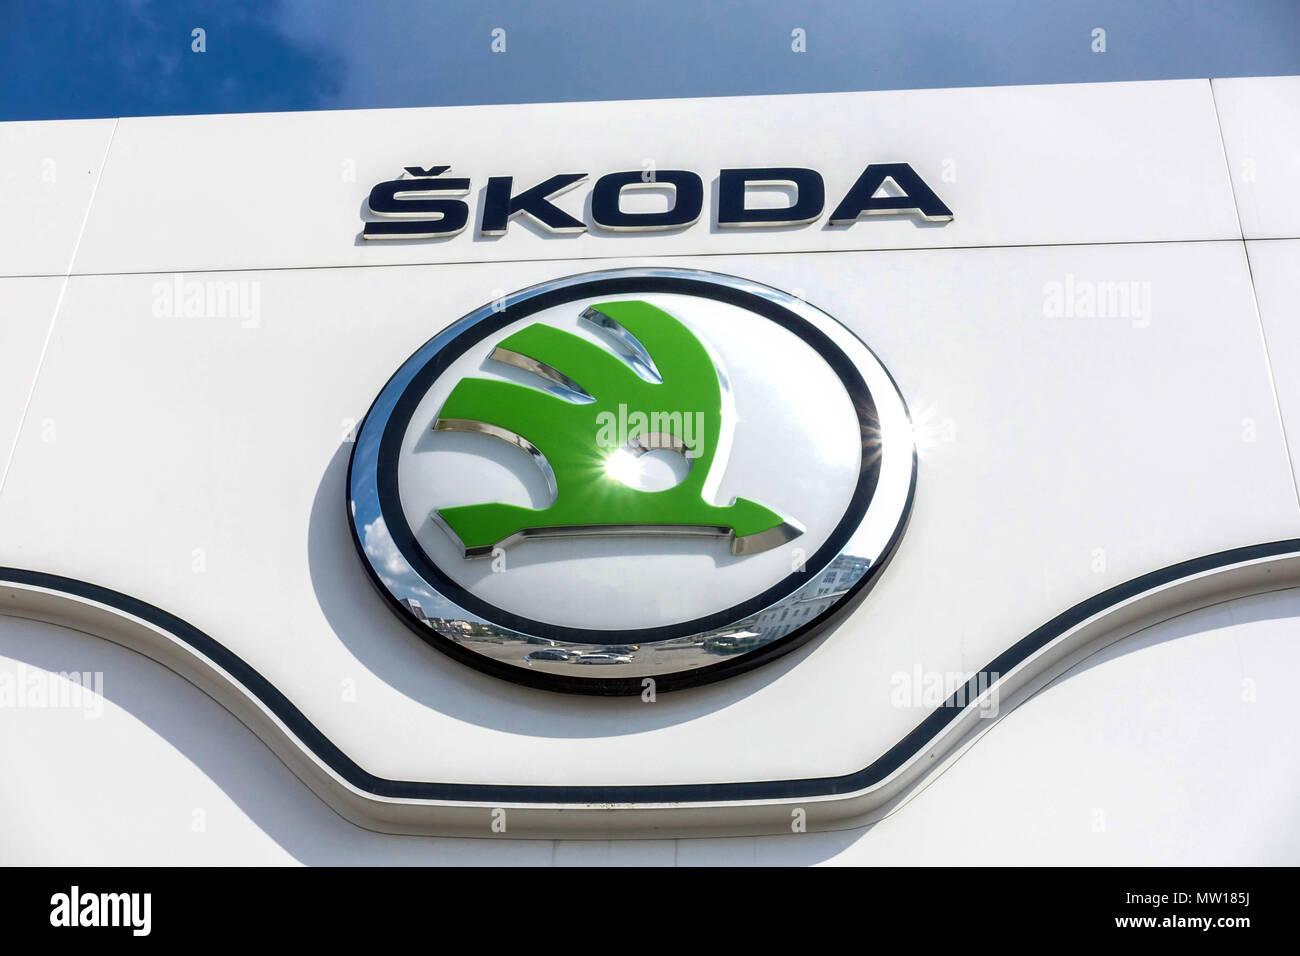 Skoda logo, sign - Stock Image